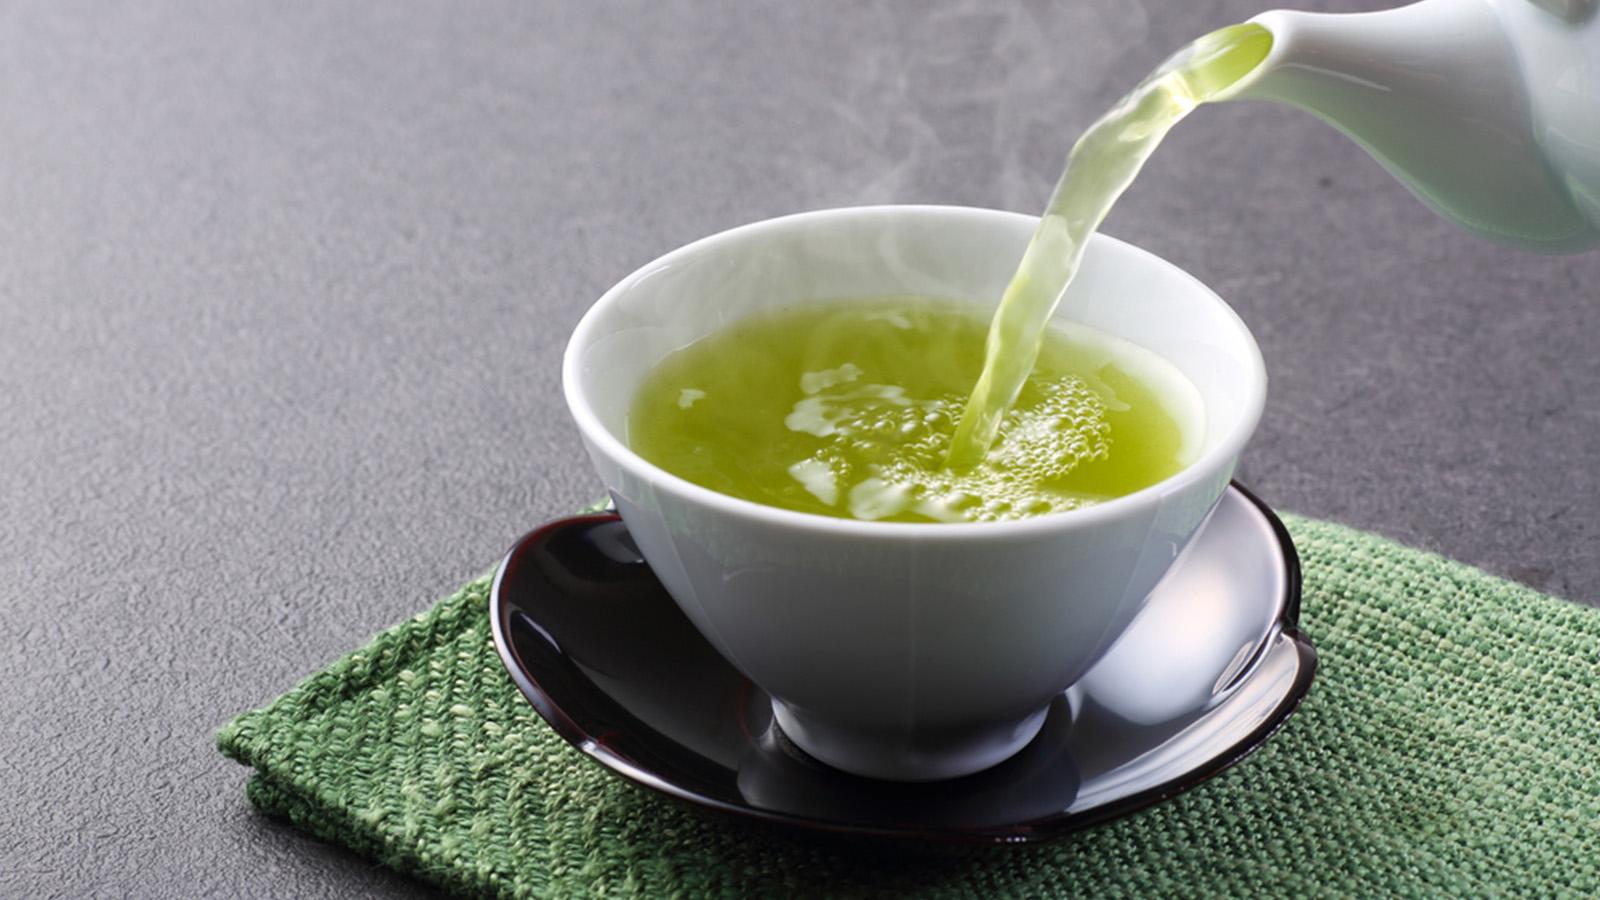 なにげなく飲んでいるその緑茶、じつは素晴らしいダイエット効果があるって知ってた?